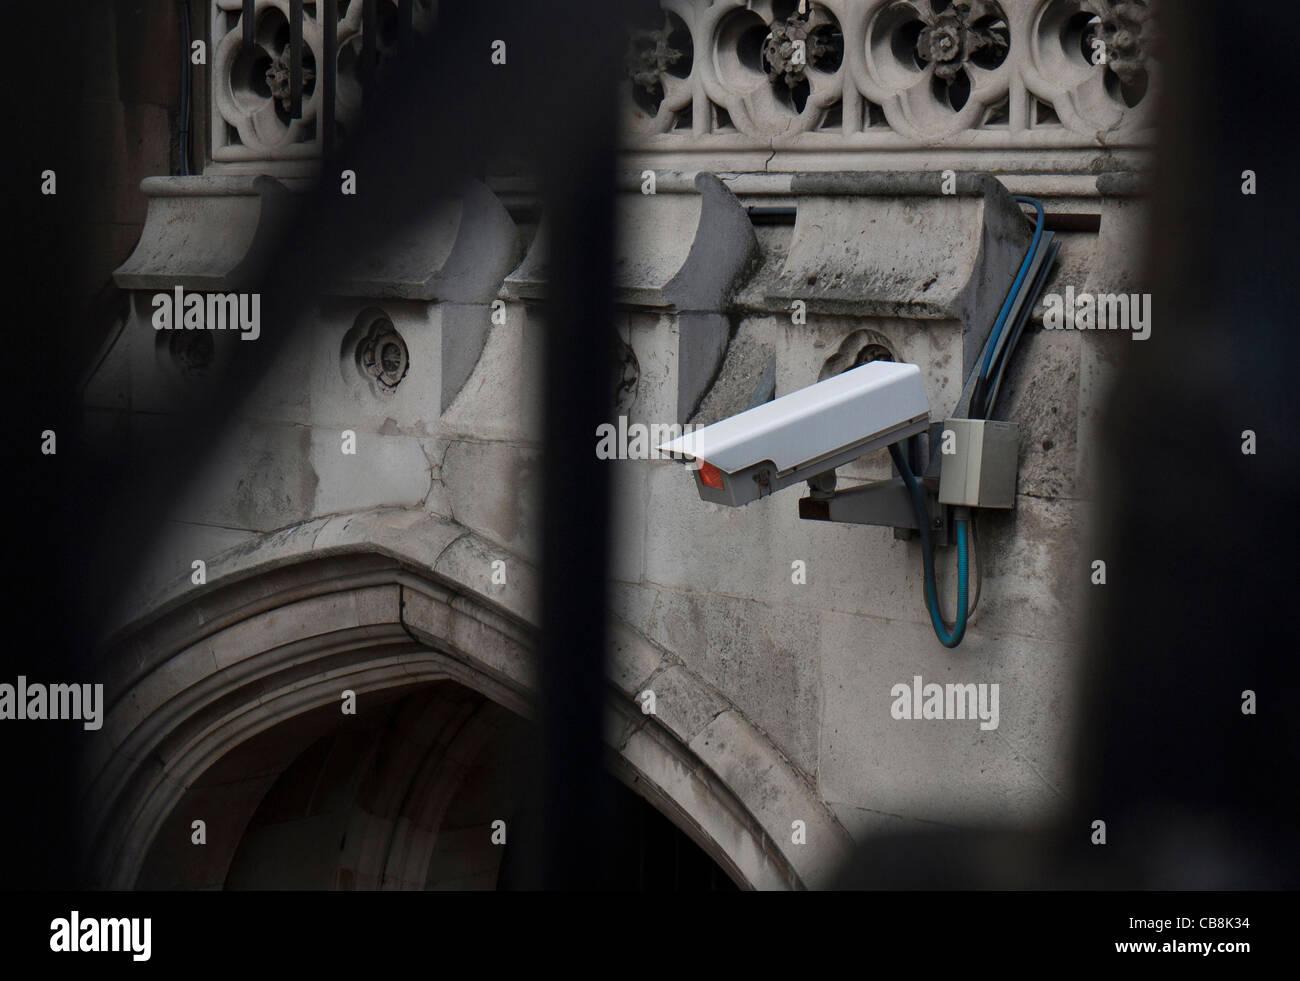 CCTV-Kamera mit historischen Gebäude in London angebracht Stockbild